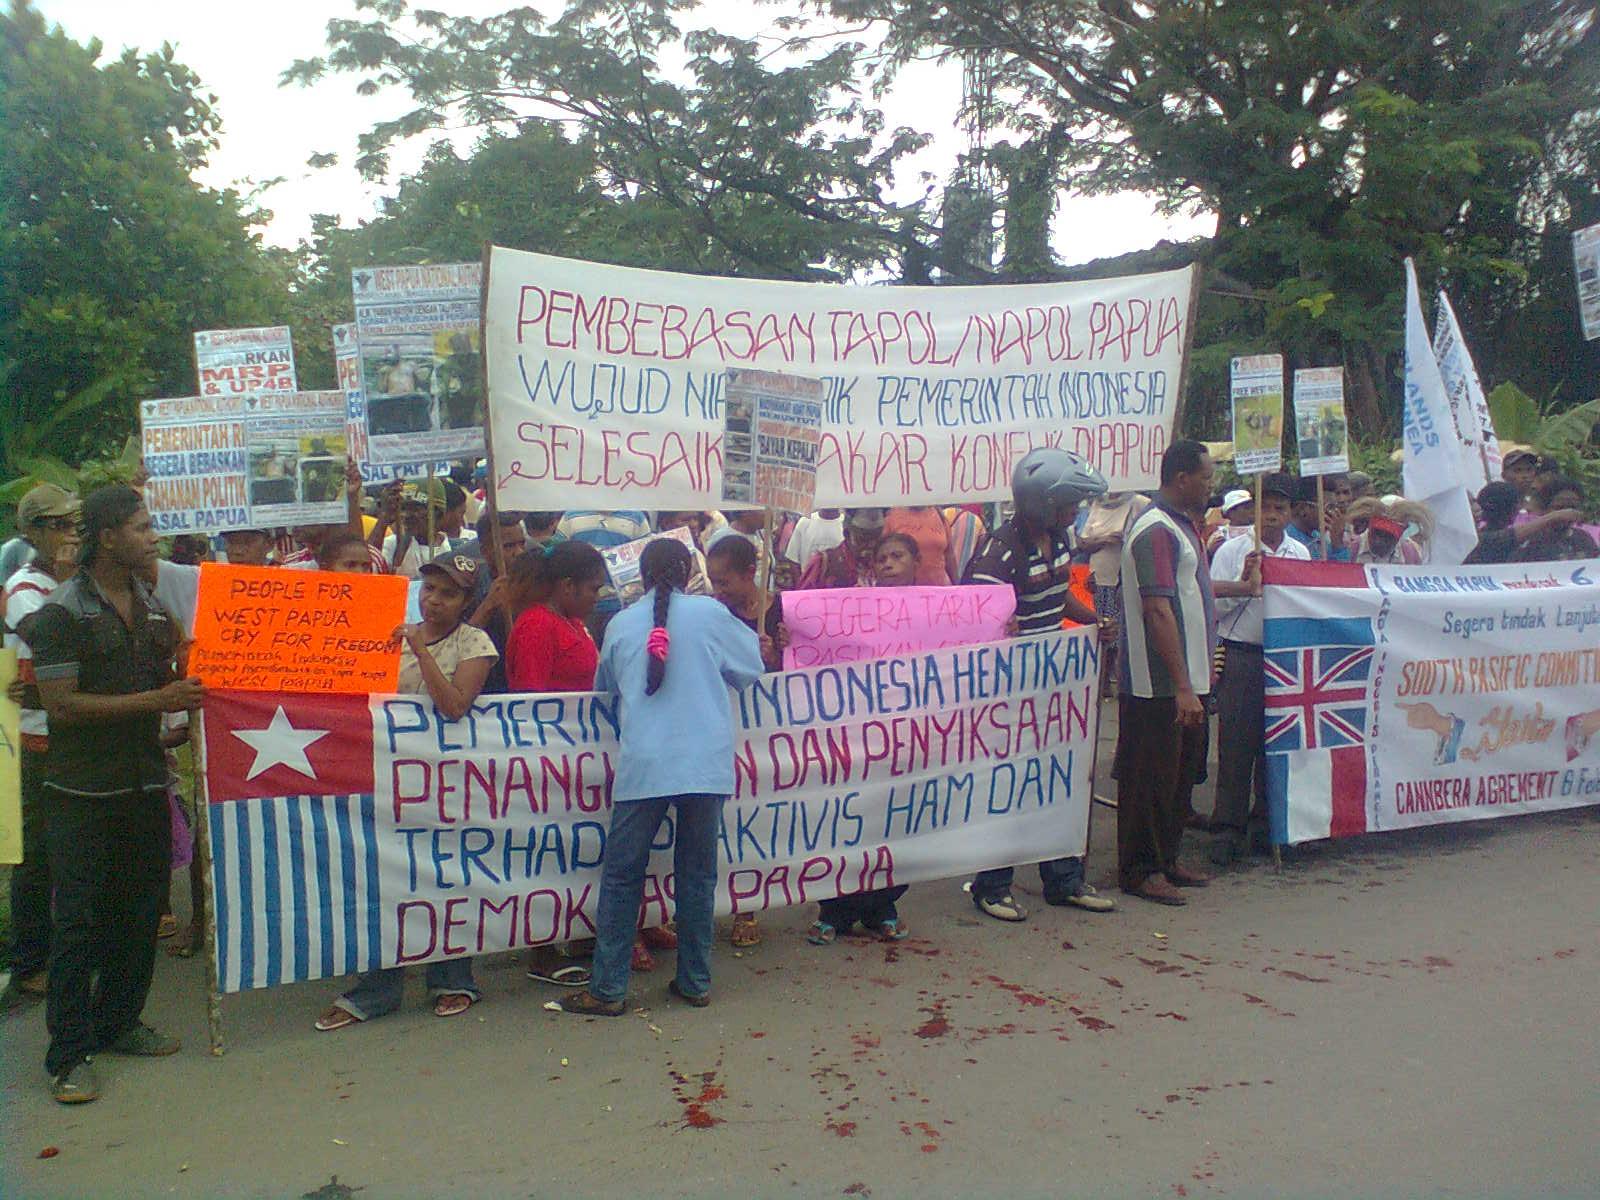 Mulai mulai people of papua call for